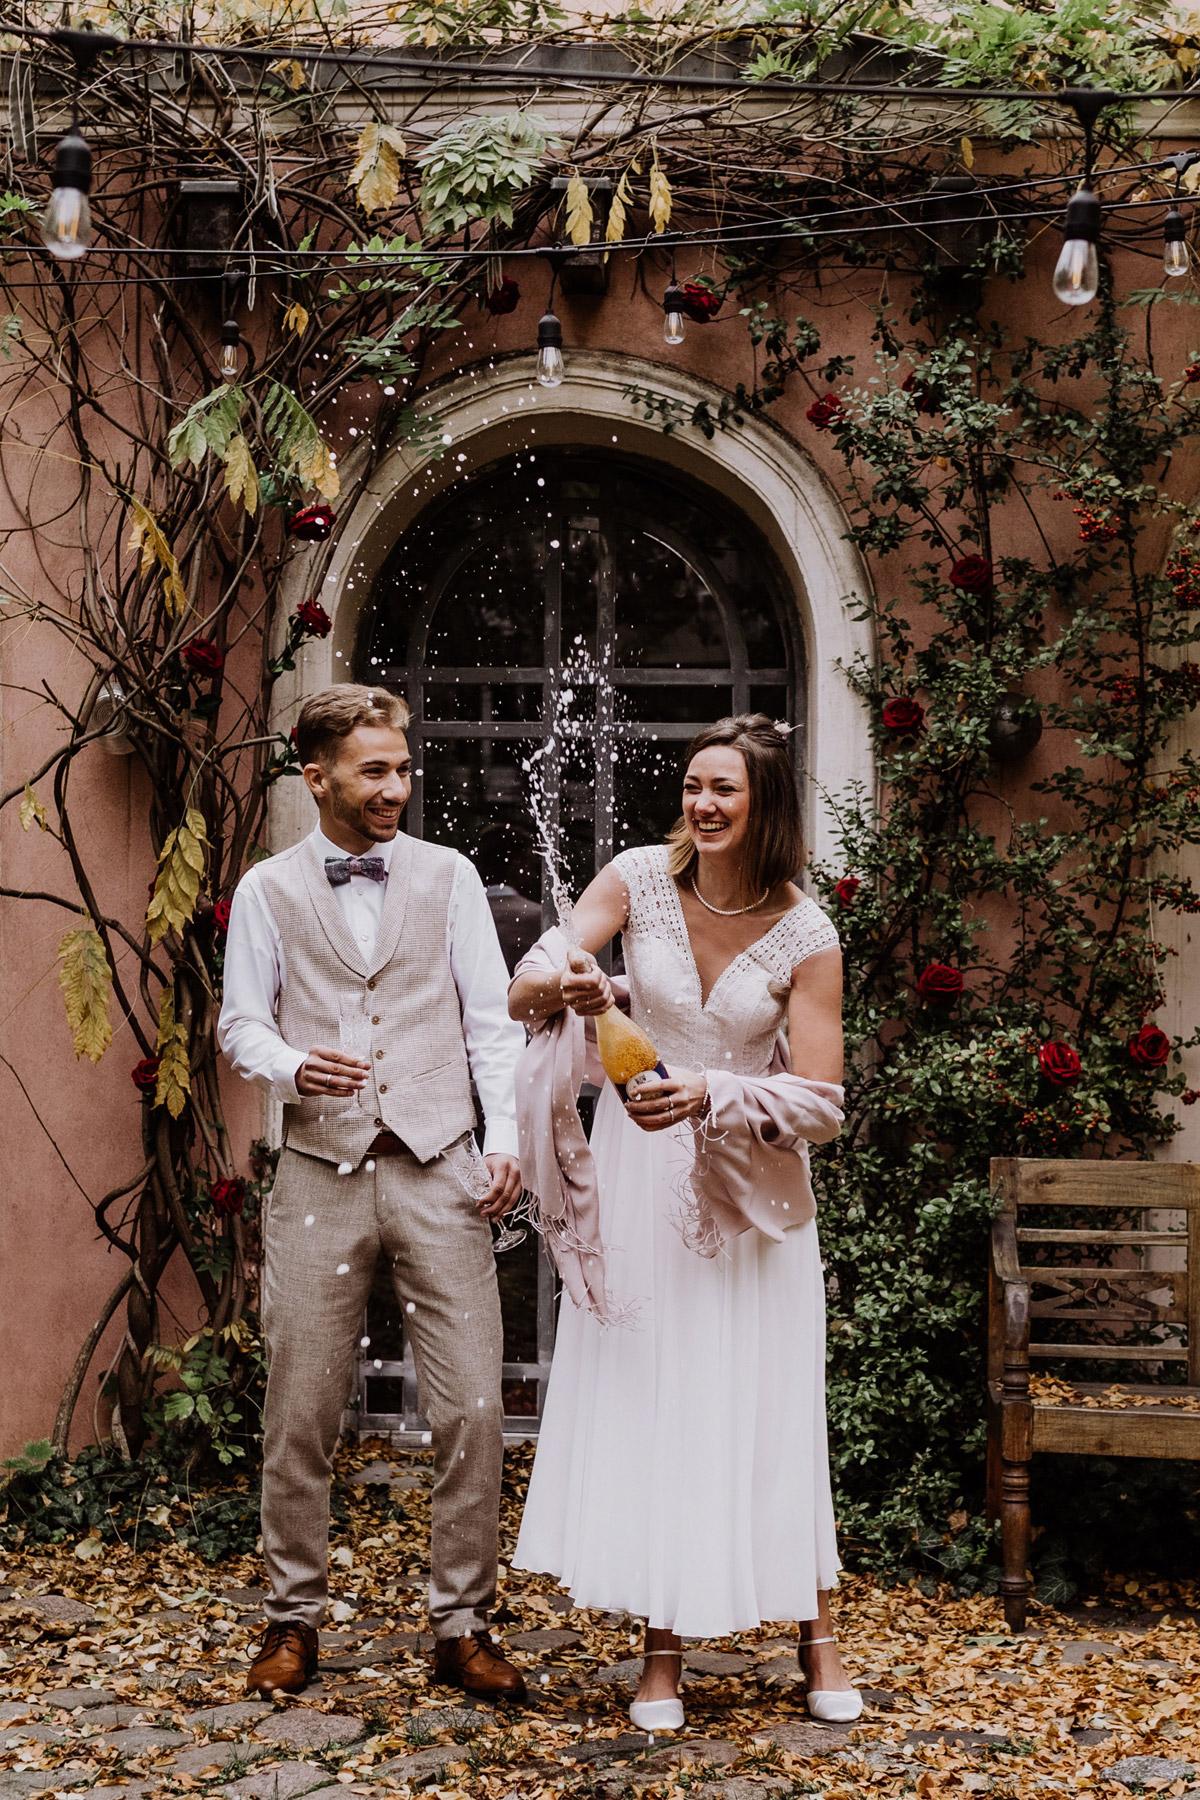 Standesamt Fotograf Berlin: Idee für das Hochzeitsshooting direkt nach der standesamtlichen Trauung im Winter. Das vintage Hochzeitspaar schüttelt eine Champagnerflasche und spritzt damit ausgefallen und kreativ für ihre Hochzeitsfotos. Mehr im Blog von © www.hochzeitslicht.de #hochzeitslicht